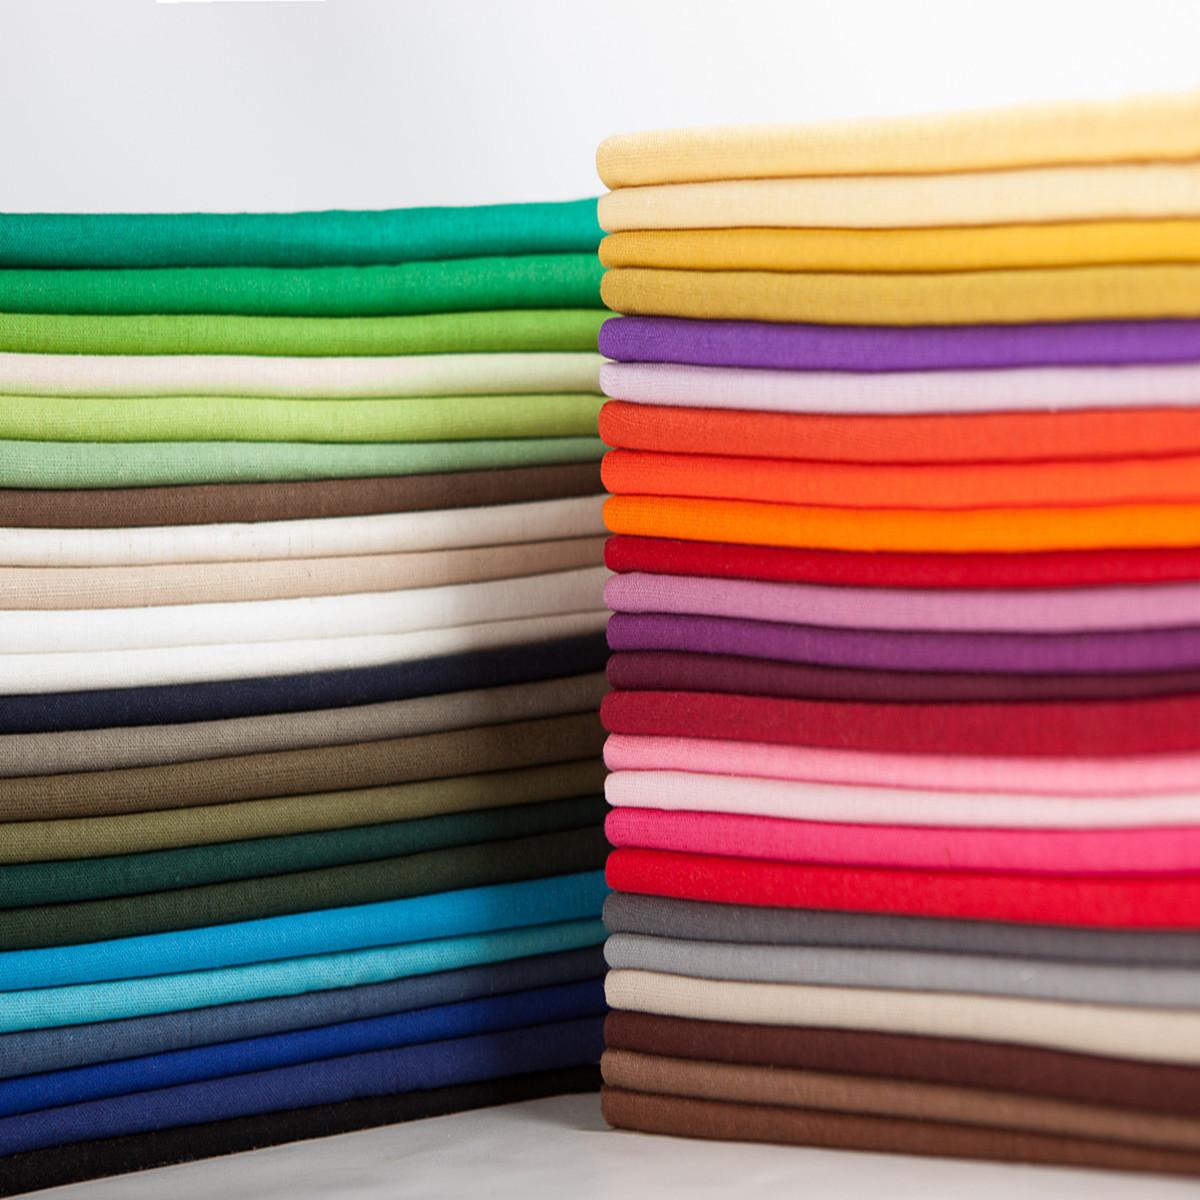 HEDU Plain Pure Color Linen Fabric Cotton Linen Clothing Fabric Pants Material DIY Cotton Linen Hand